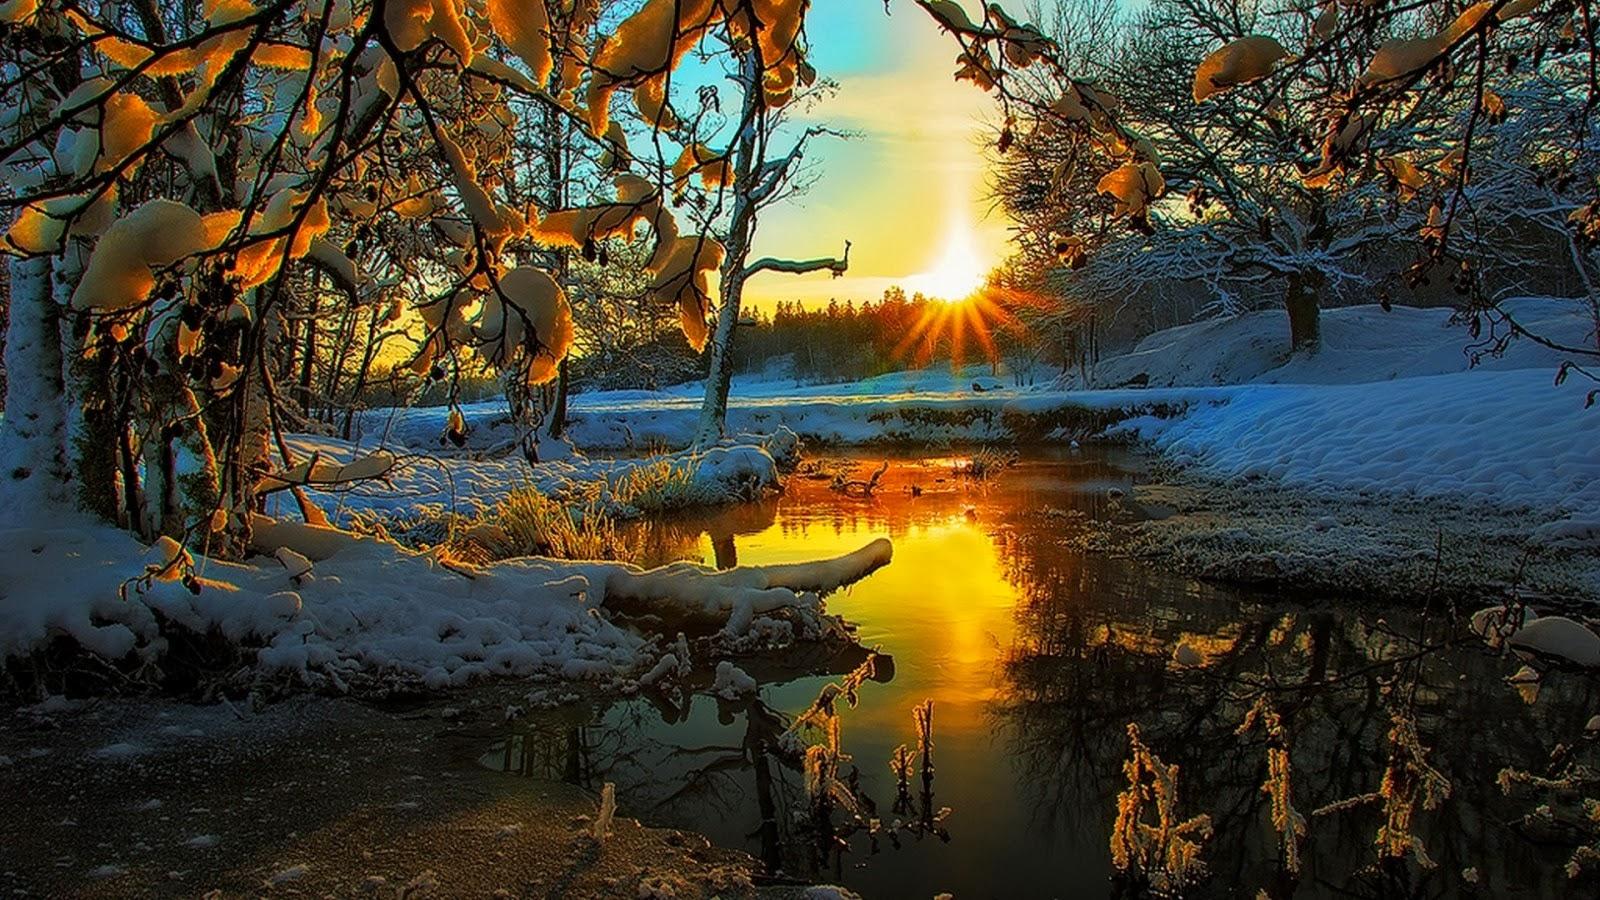 بالصور صور فصل الشتاء , اجمل صور للمطر و الطبيعه في الشتاء 1653 2